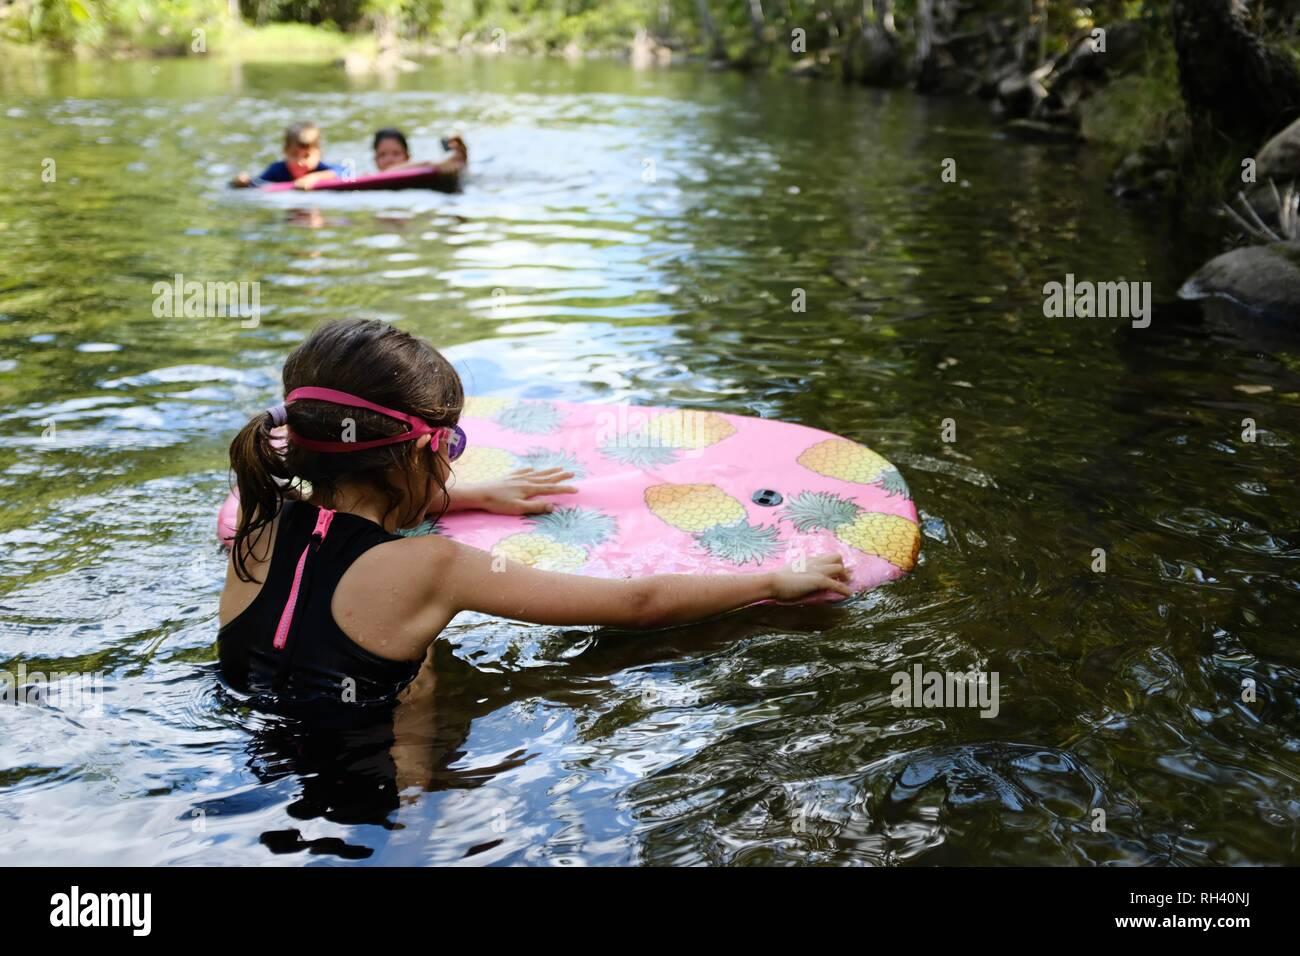 Ragazza giovane le piastre su un boogie board con la famiglia in background, Finch Hatton, Queensland 4756, Australia Foto Stock